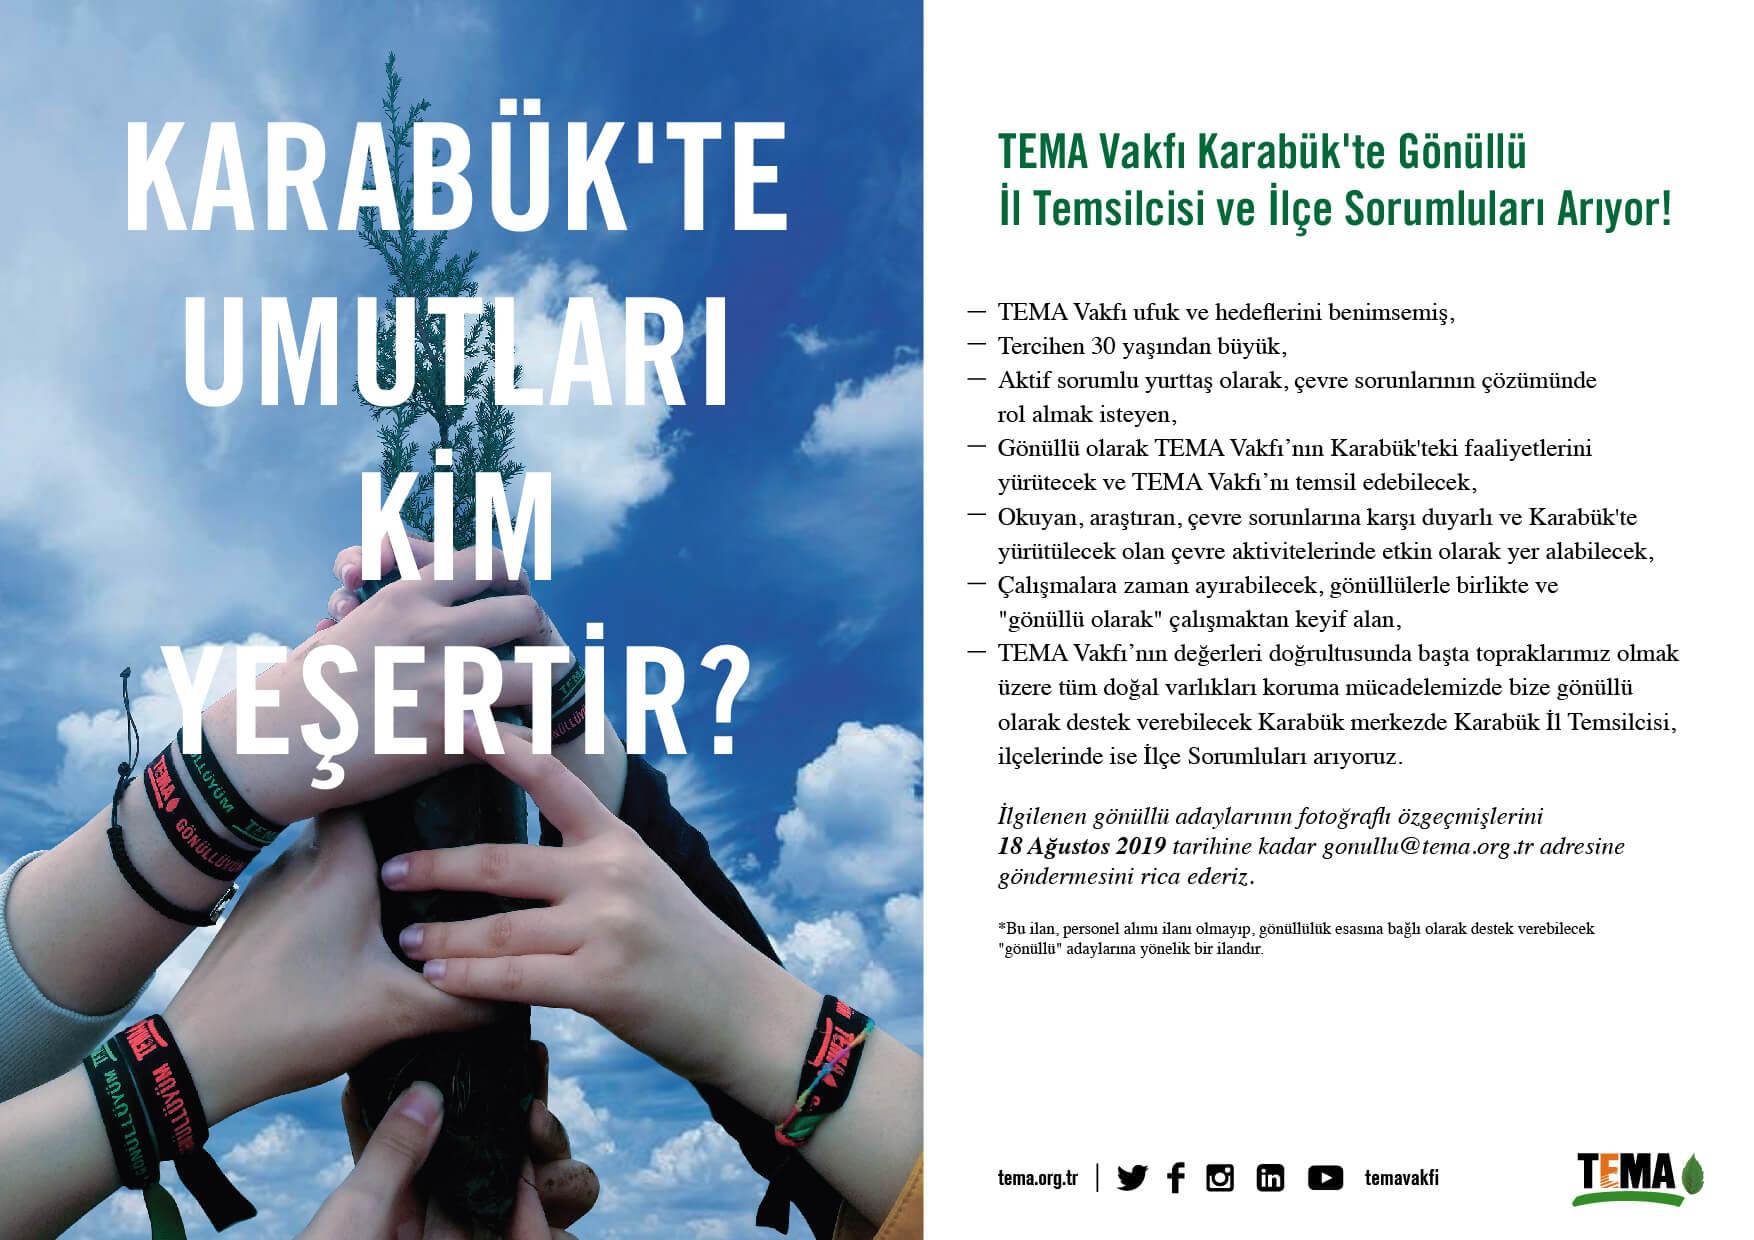 TEMA Vakfı Karabük'te Gönüllü İl Temsilcisi ve İlçe Sorumluları Arıyor!